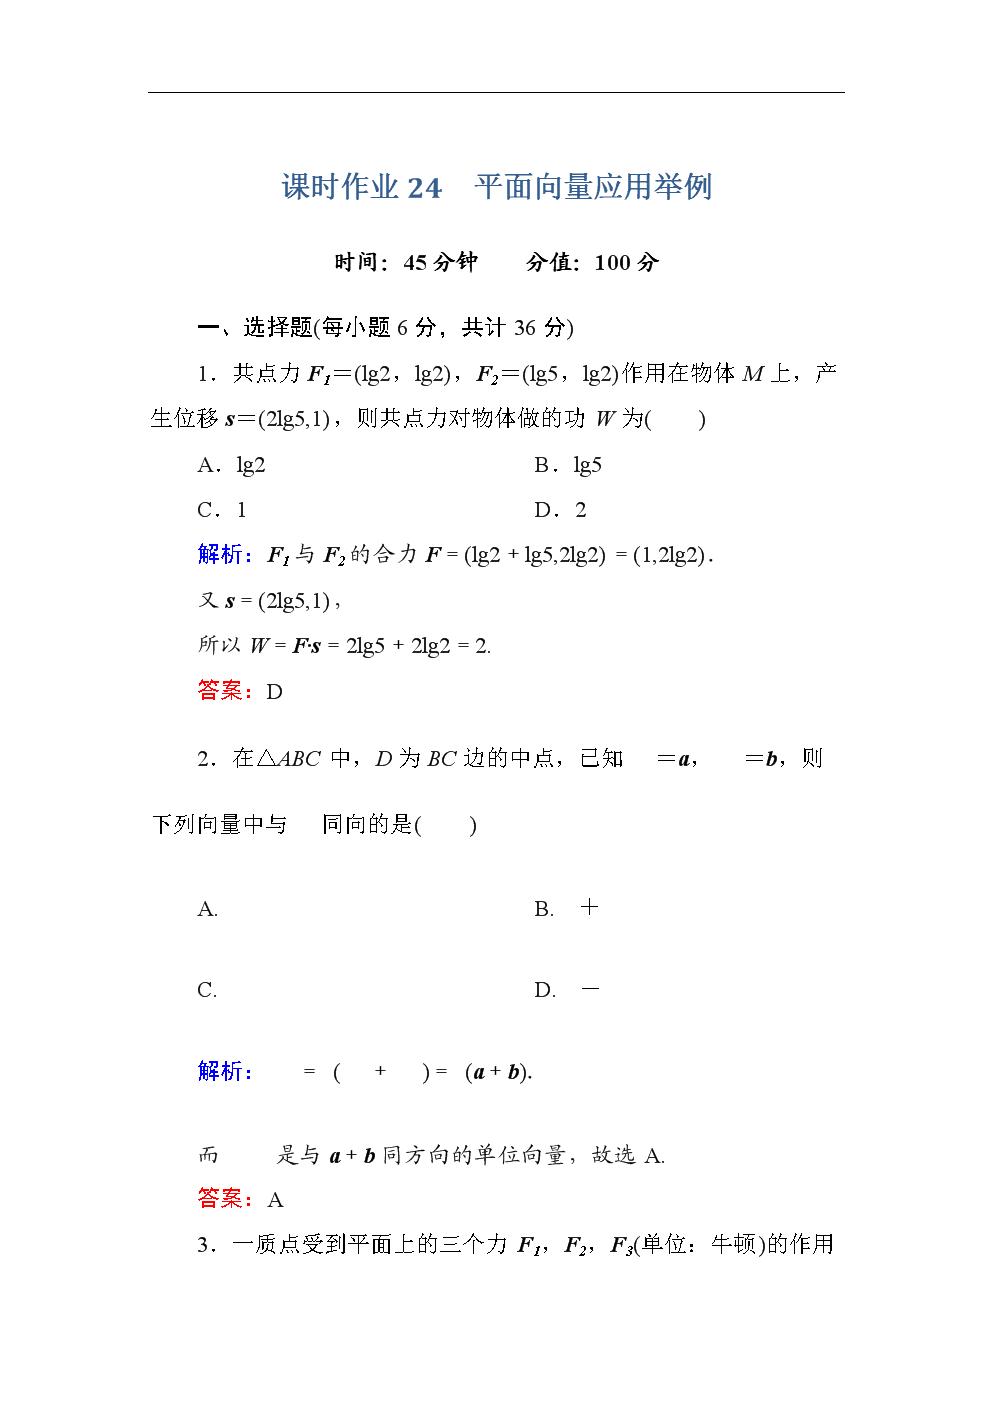 人教A版高中数学必修4课时作业24平面向量应用举例(附答案).doc